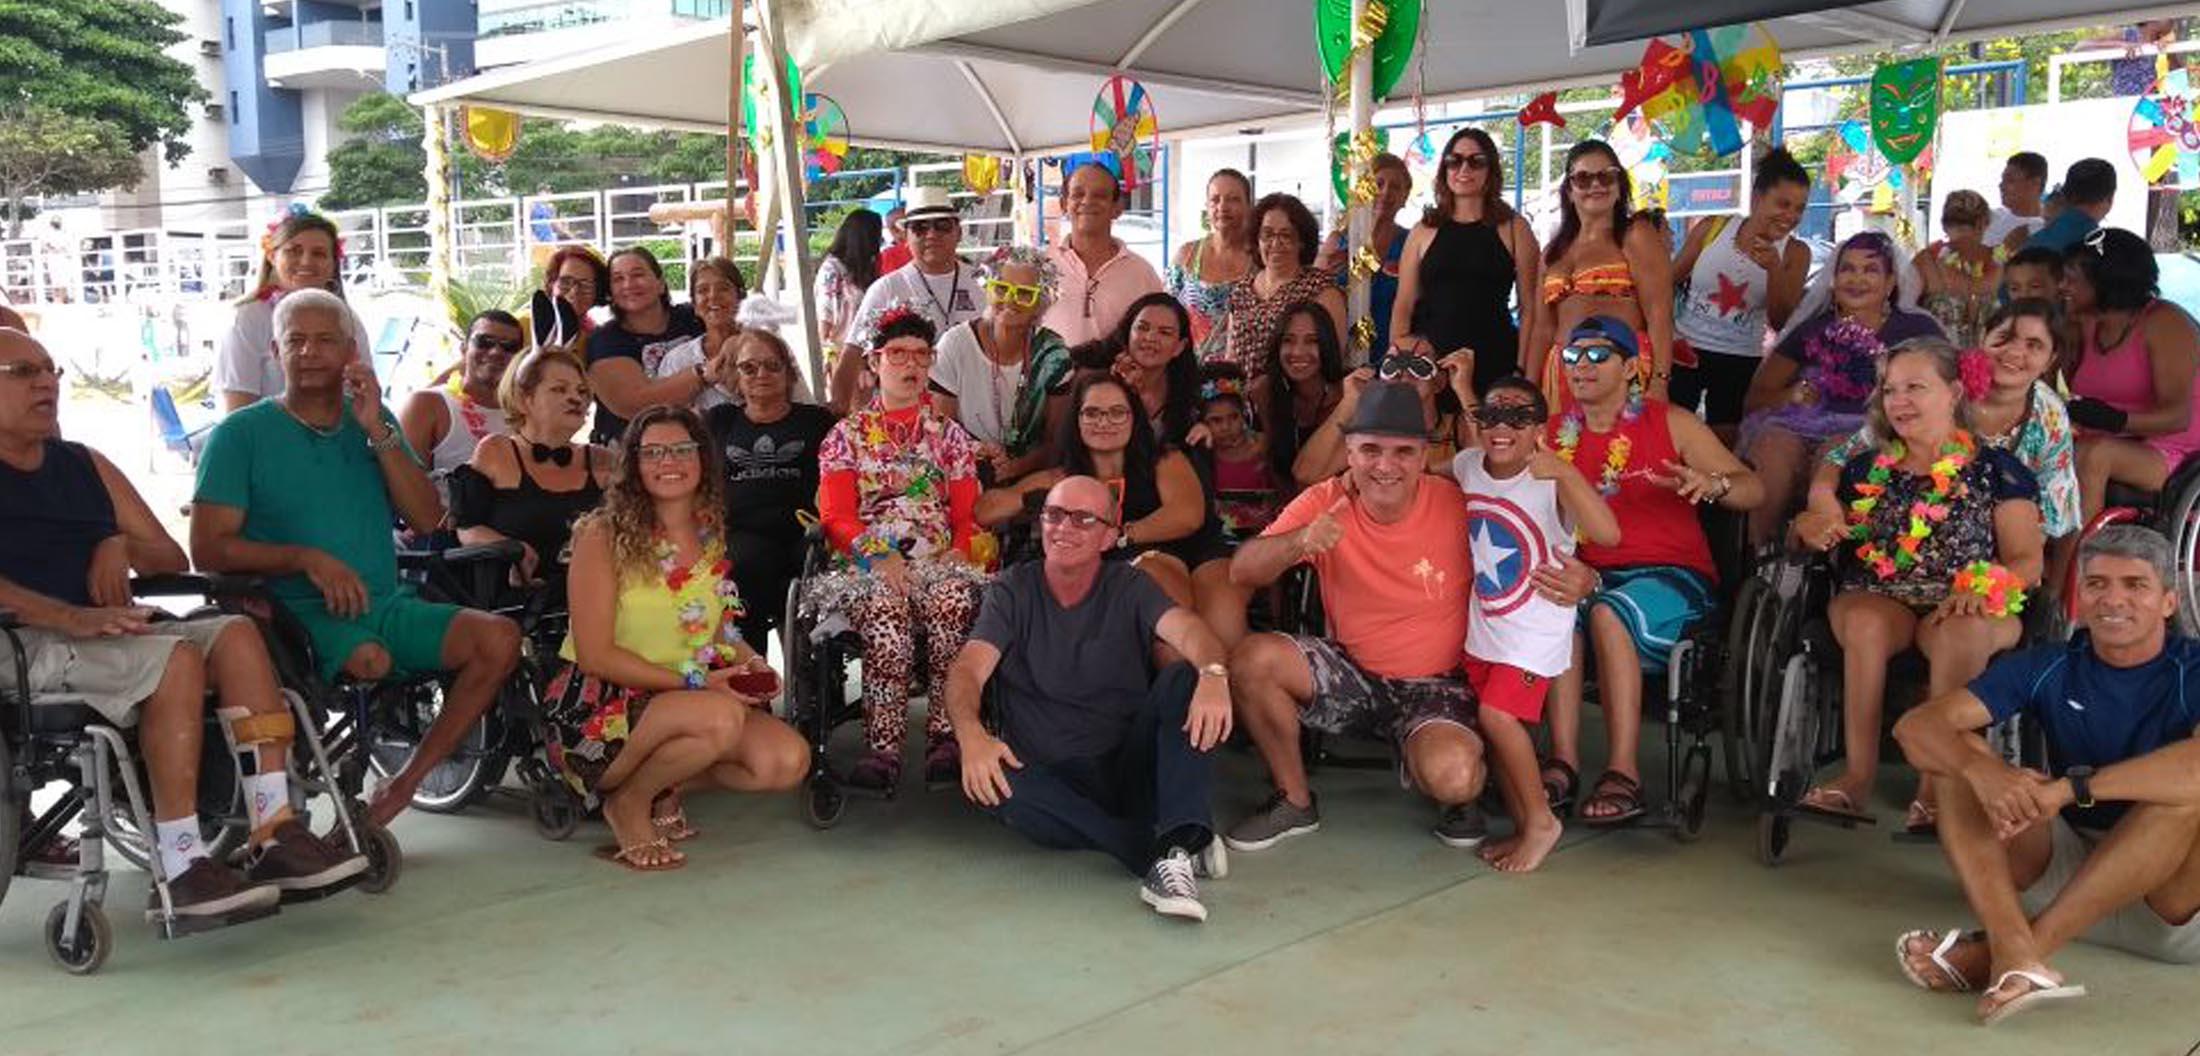 Carnaval inclusivo no projeto Praia Legal